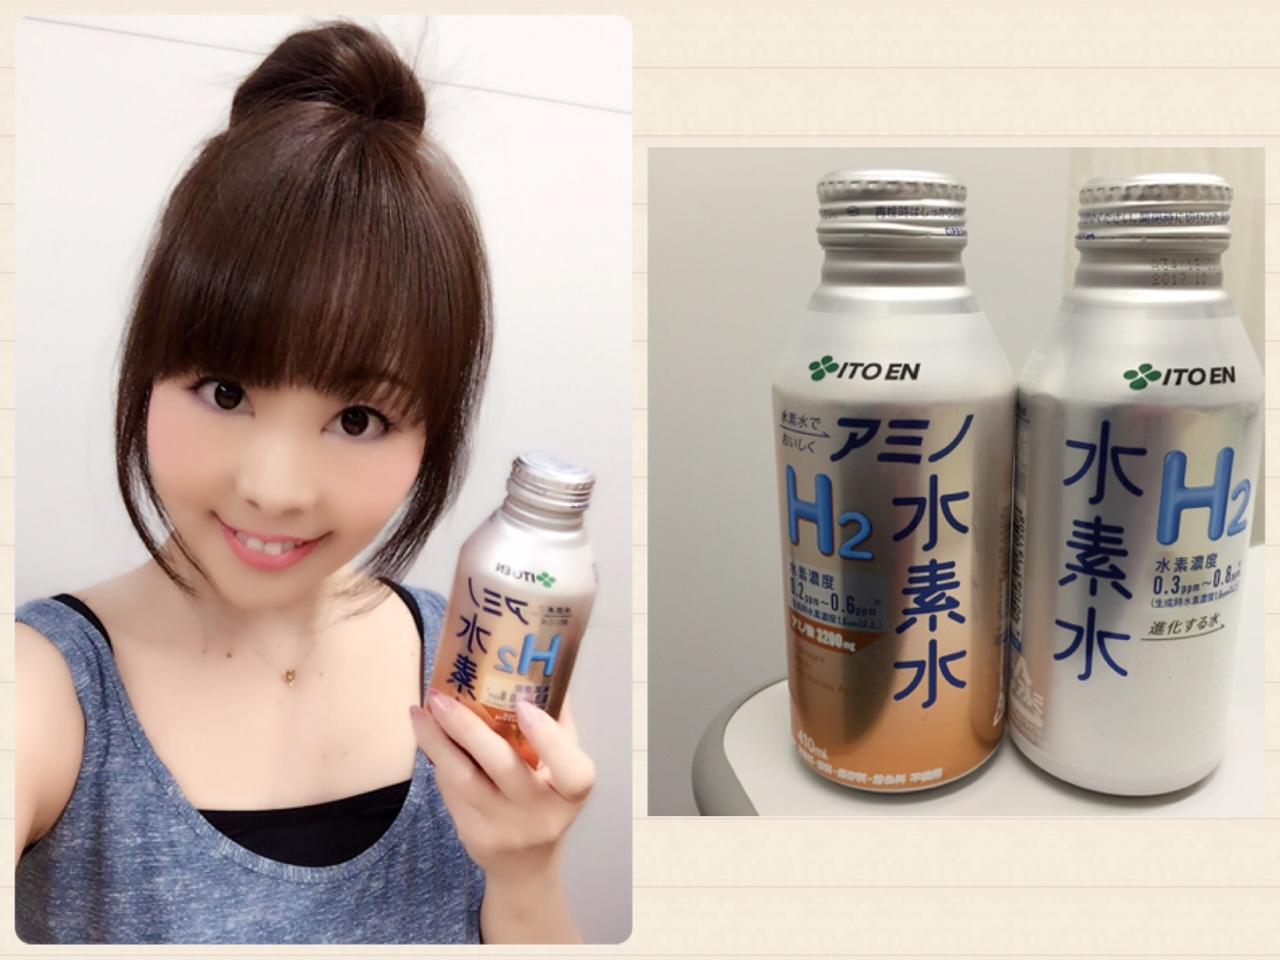 【体験レポ②】伊藤園H2水素水を2週間飲んで・・・嬉しい変化が♡